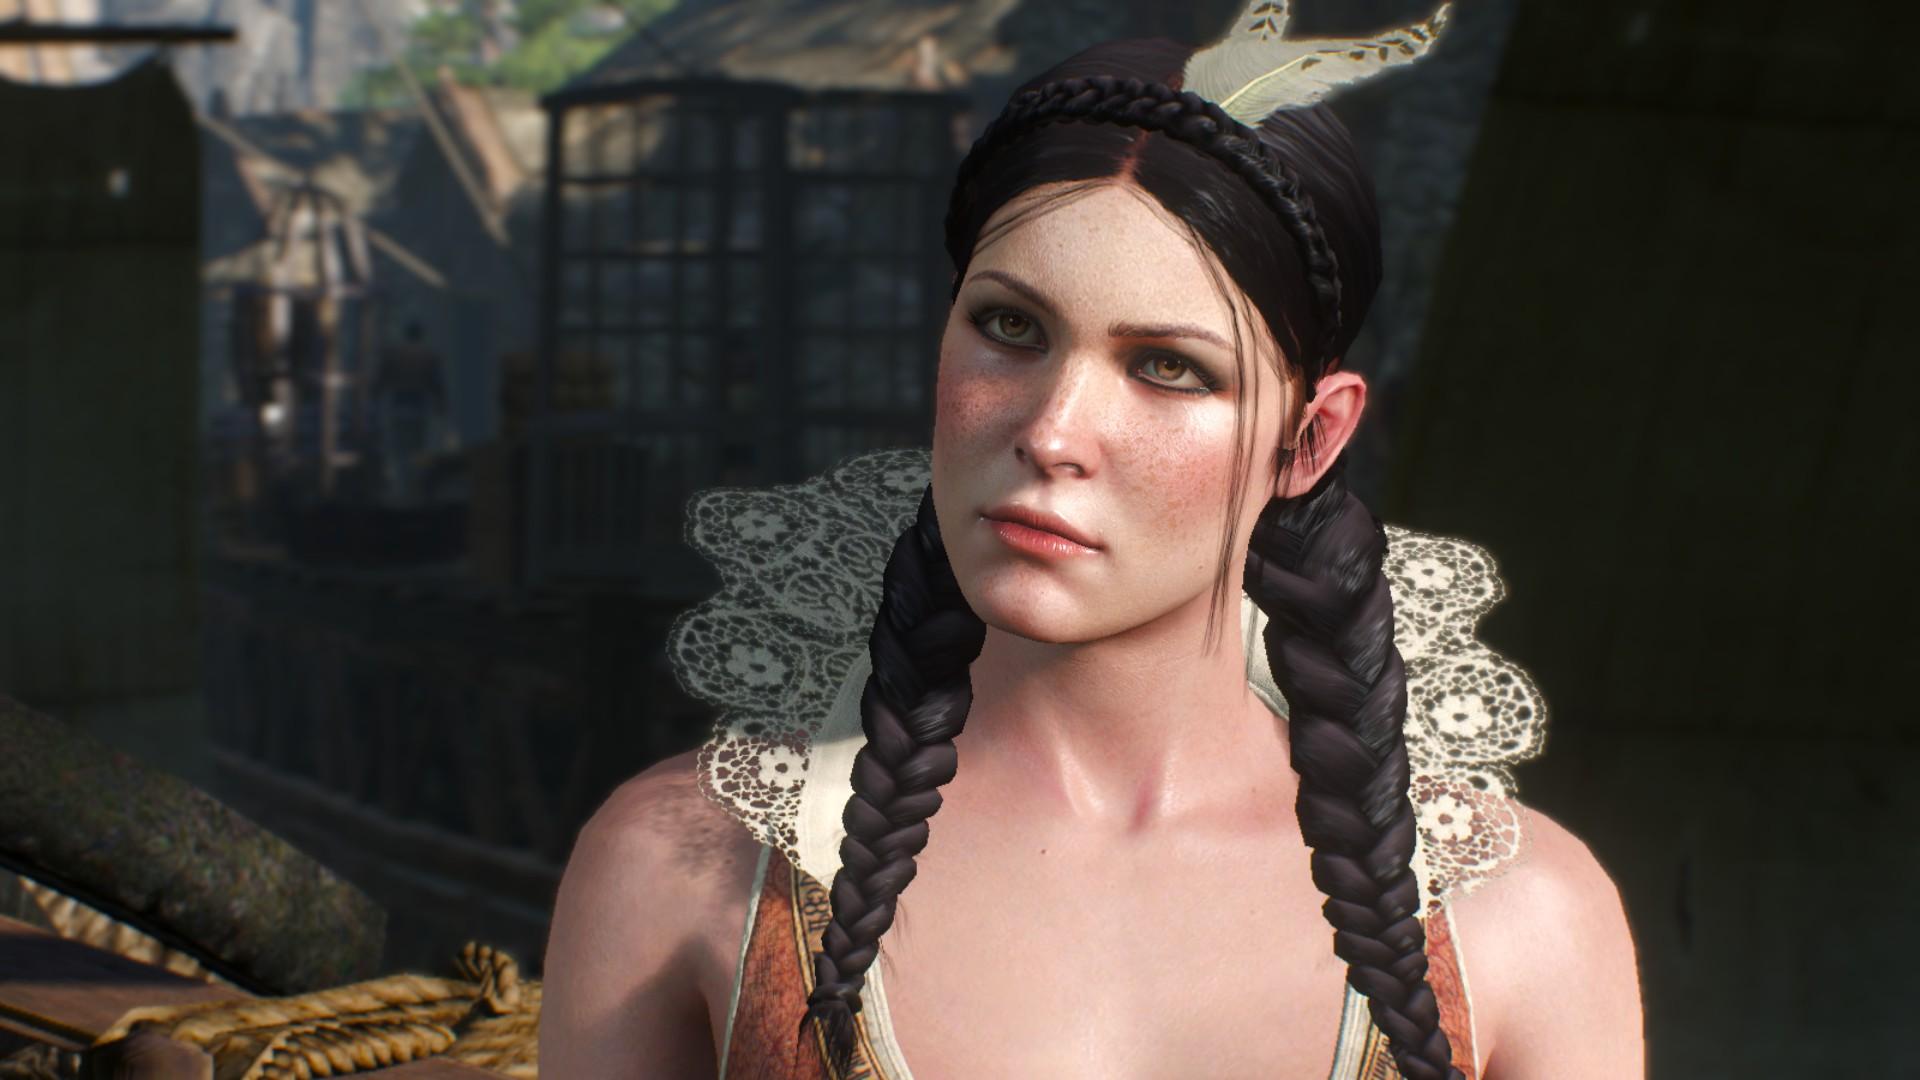 Čarodějka v plné kráse.